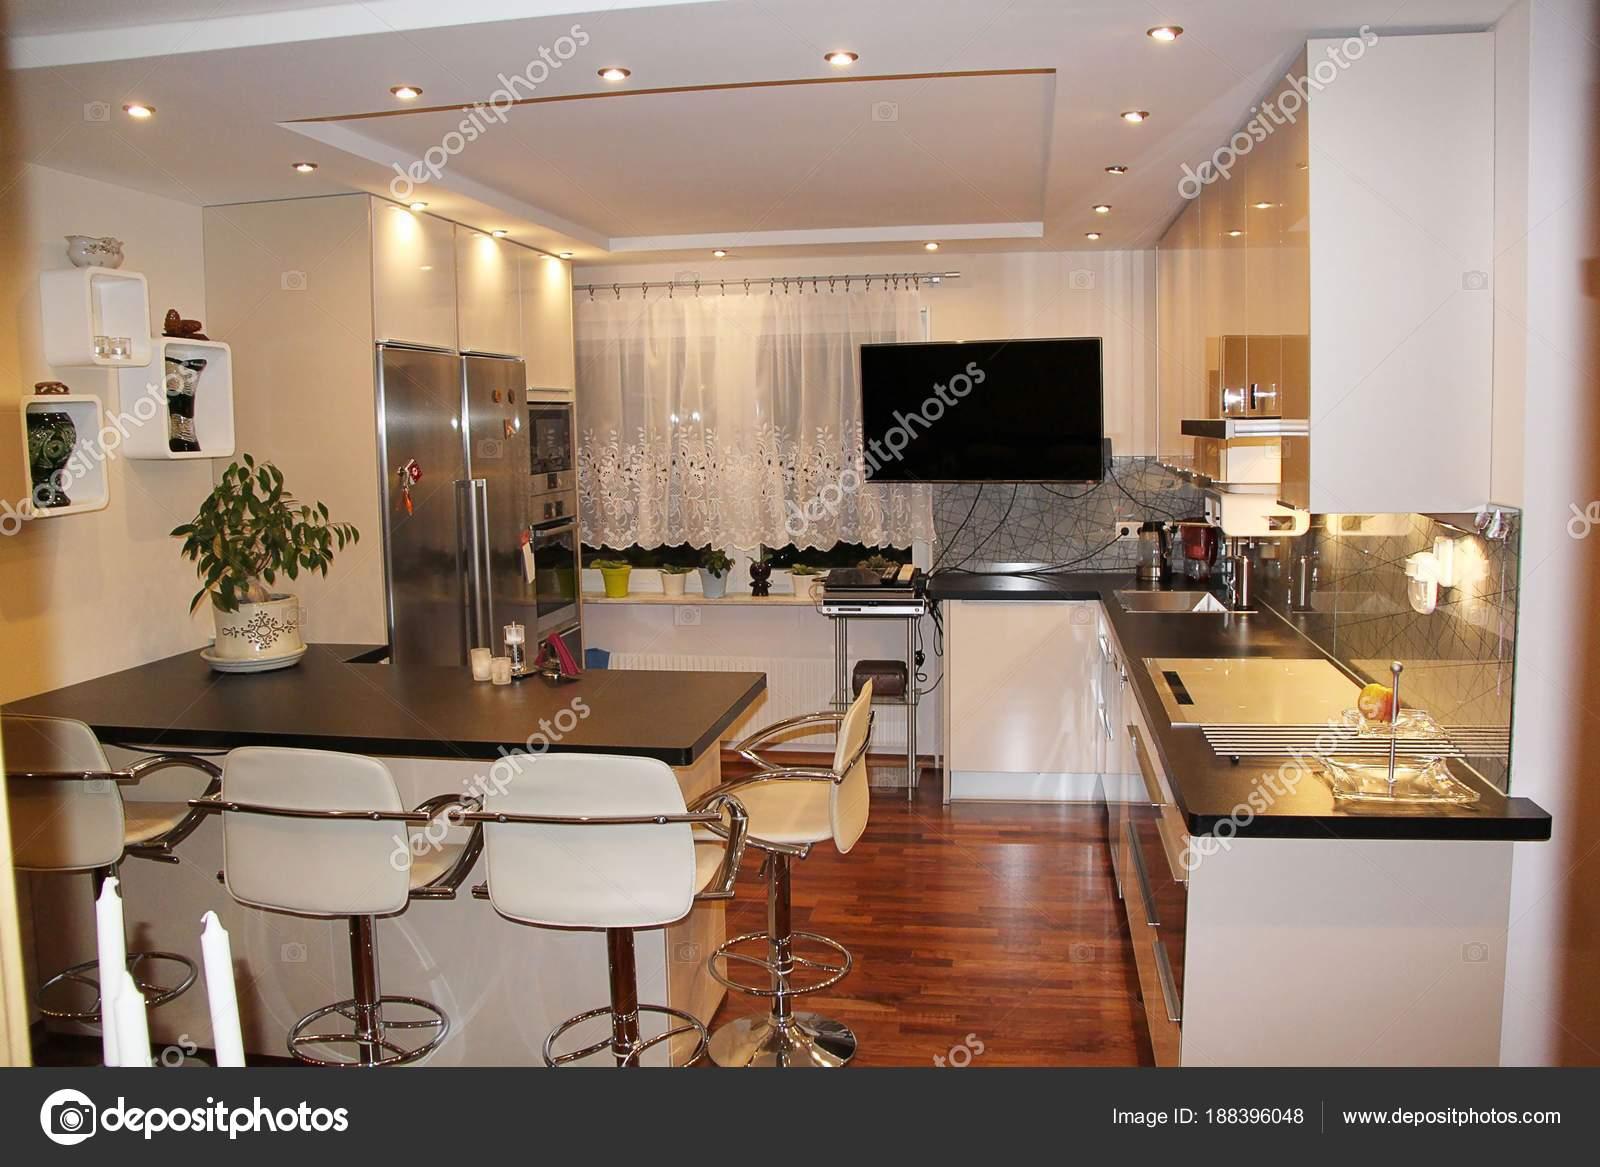 Schöne Aussicht Auf Moderne Küche Interieur Kleiner Gemütlicher Bereich  Einer U2014 Stockfoto